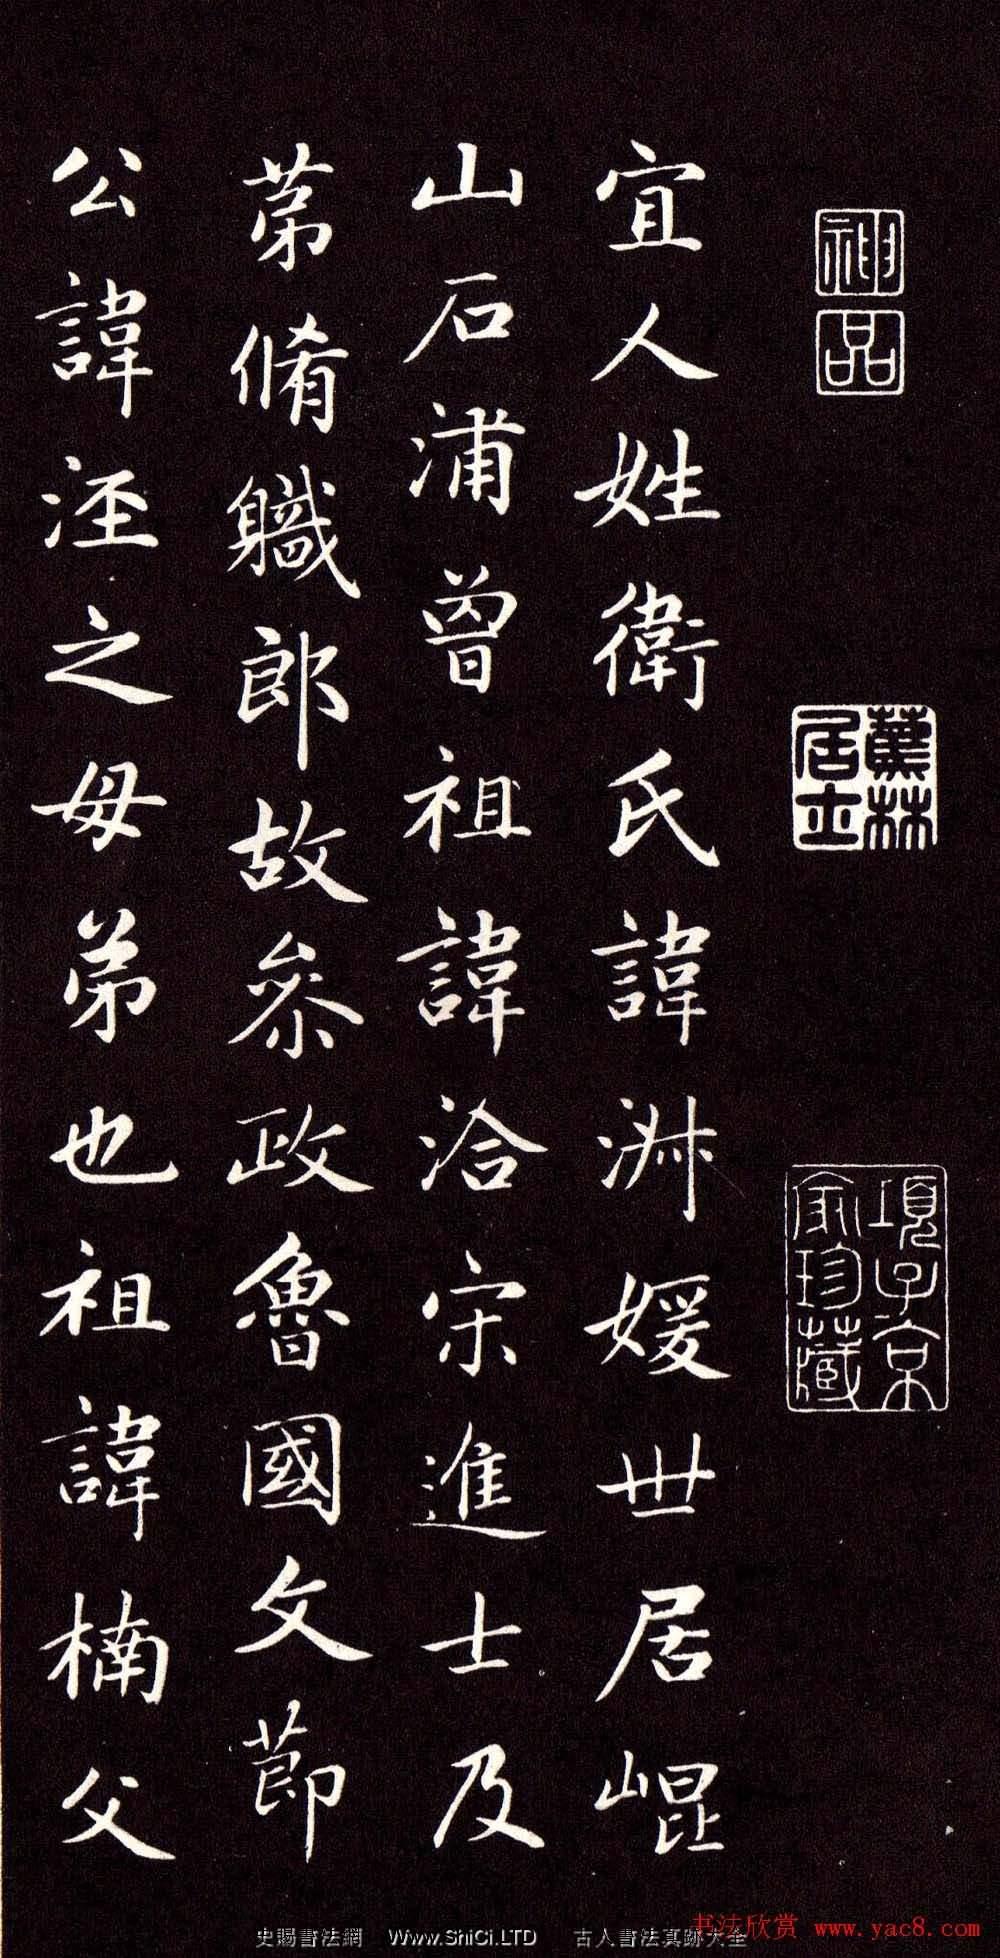 趙孟頫楷書真跡欣賞衛淑媛墓誌(共7張圖片)